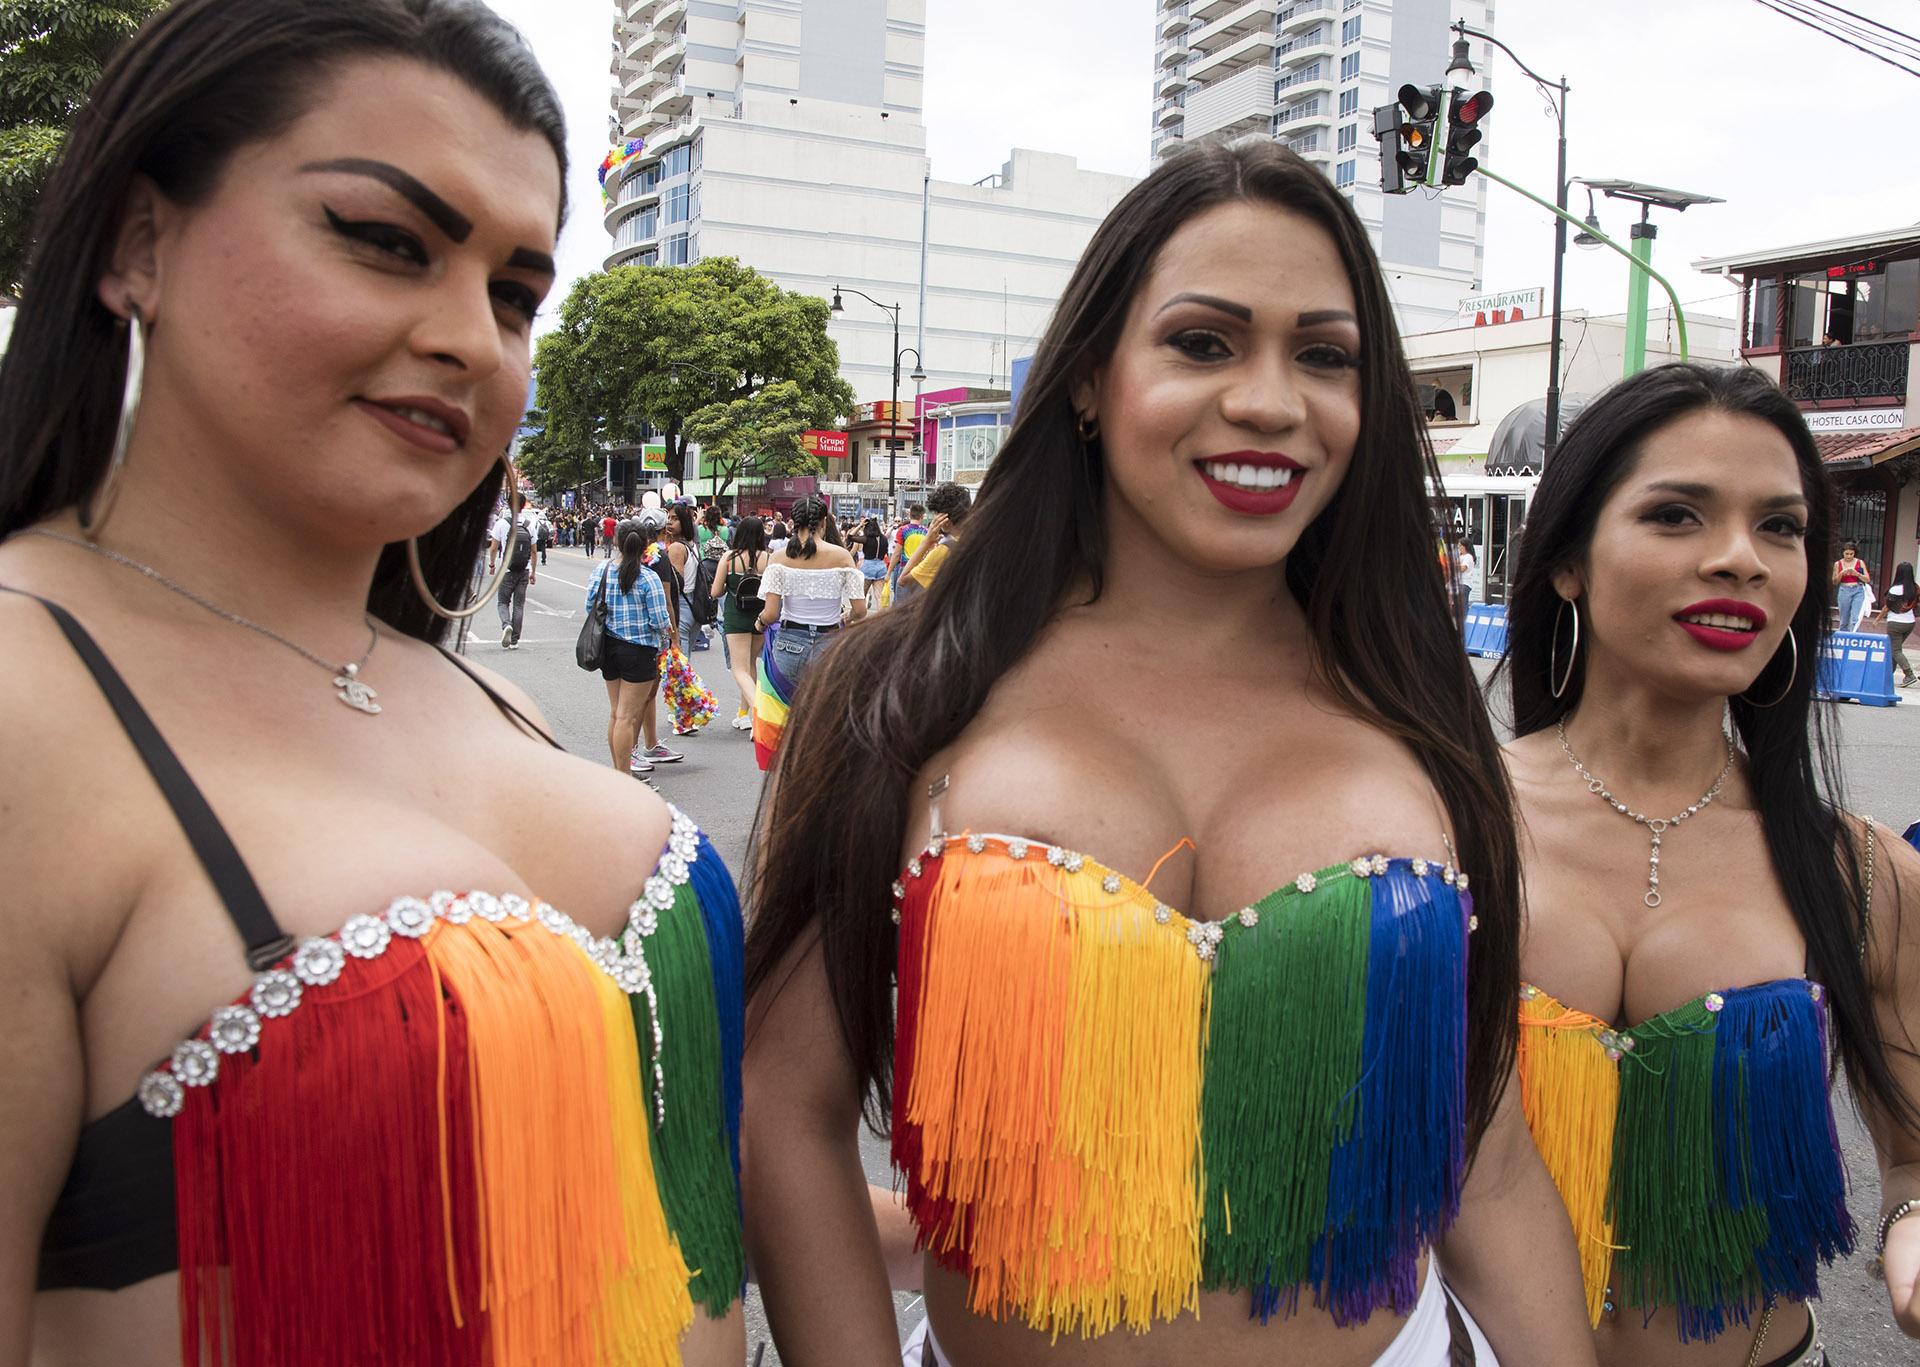 En San José, Costa Rica, el Gay Parade fue el 23 de junio. Los trajes más llamativos fueron unos corpiños realizados con flecos en honor a la bandera multicolor de la comunidad LGBTQI